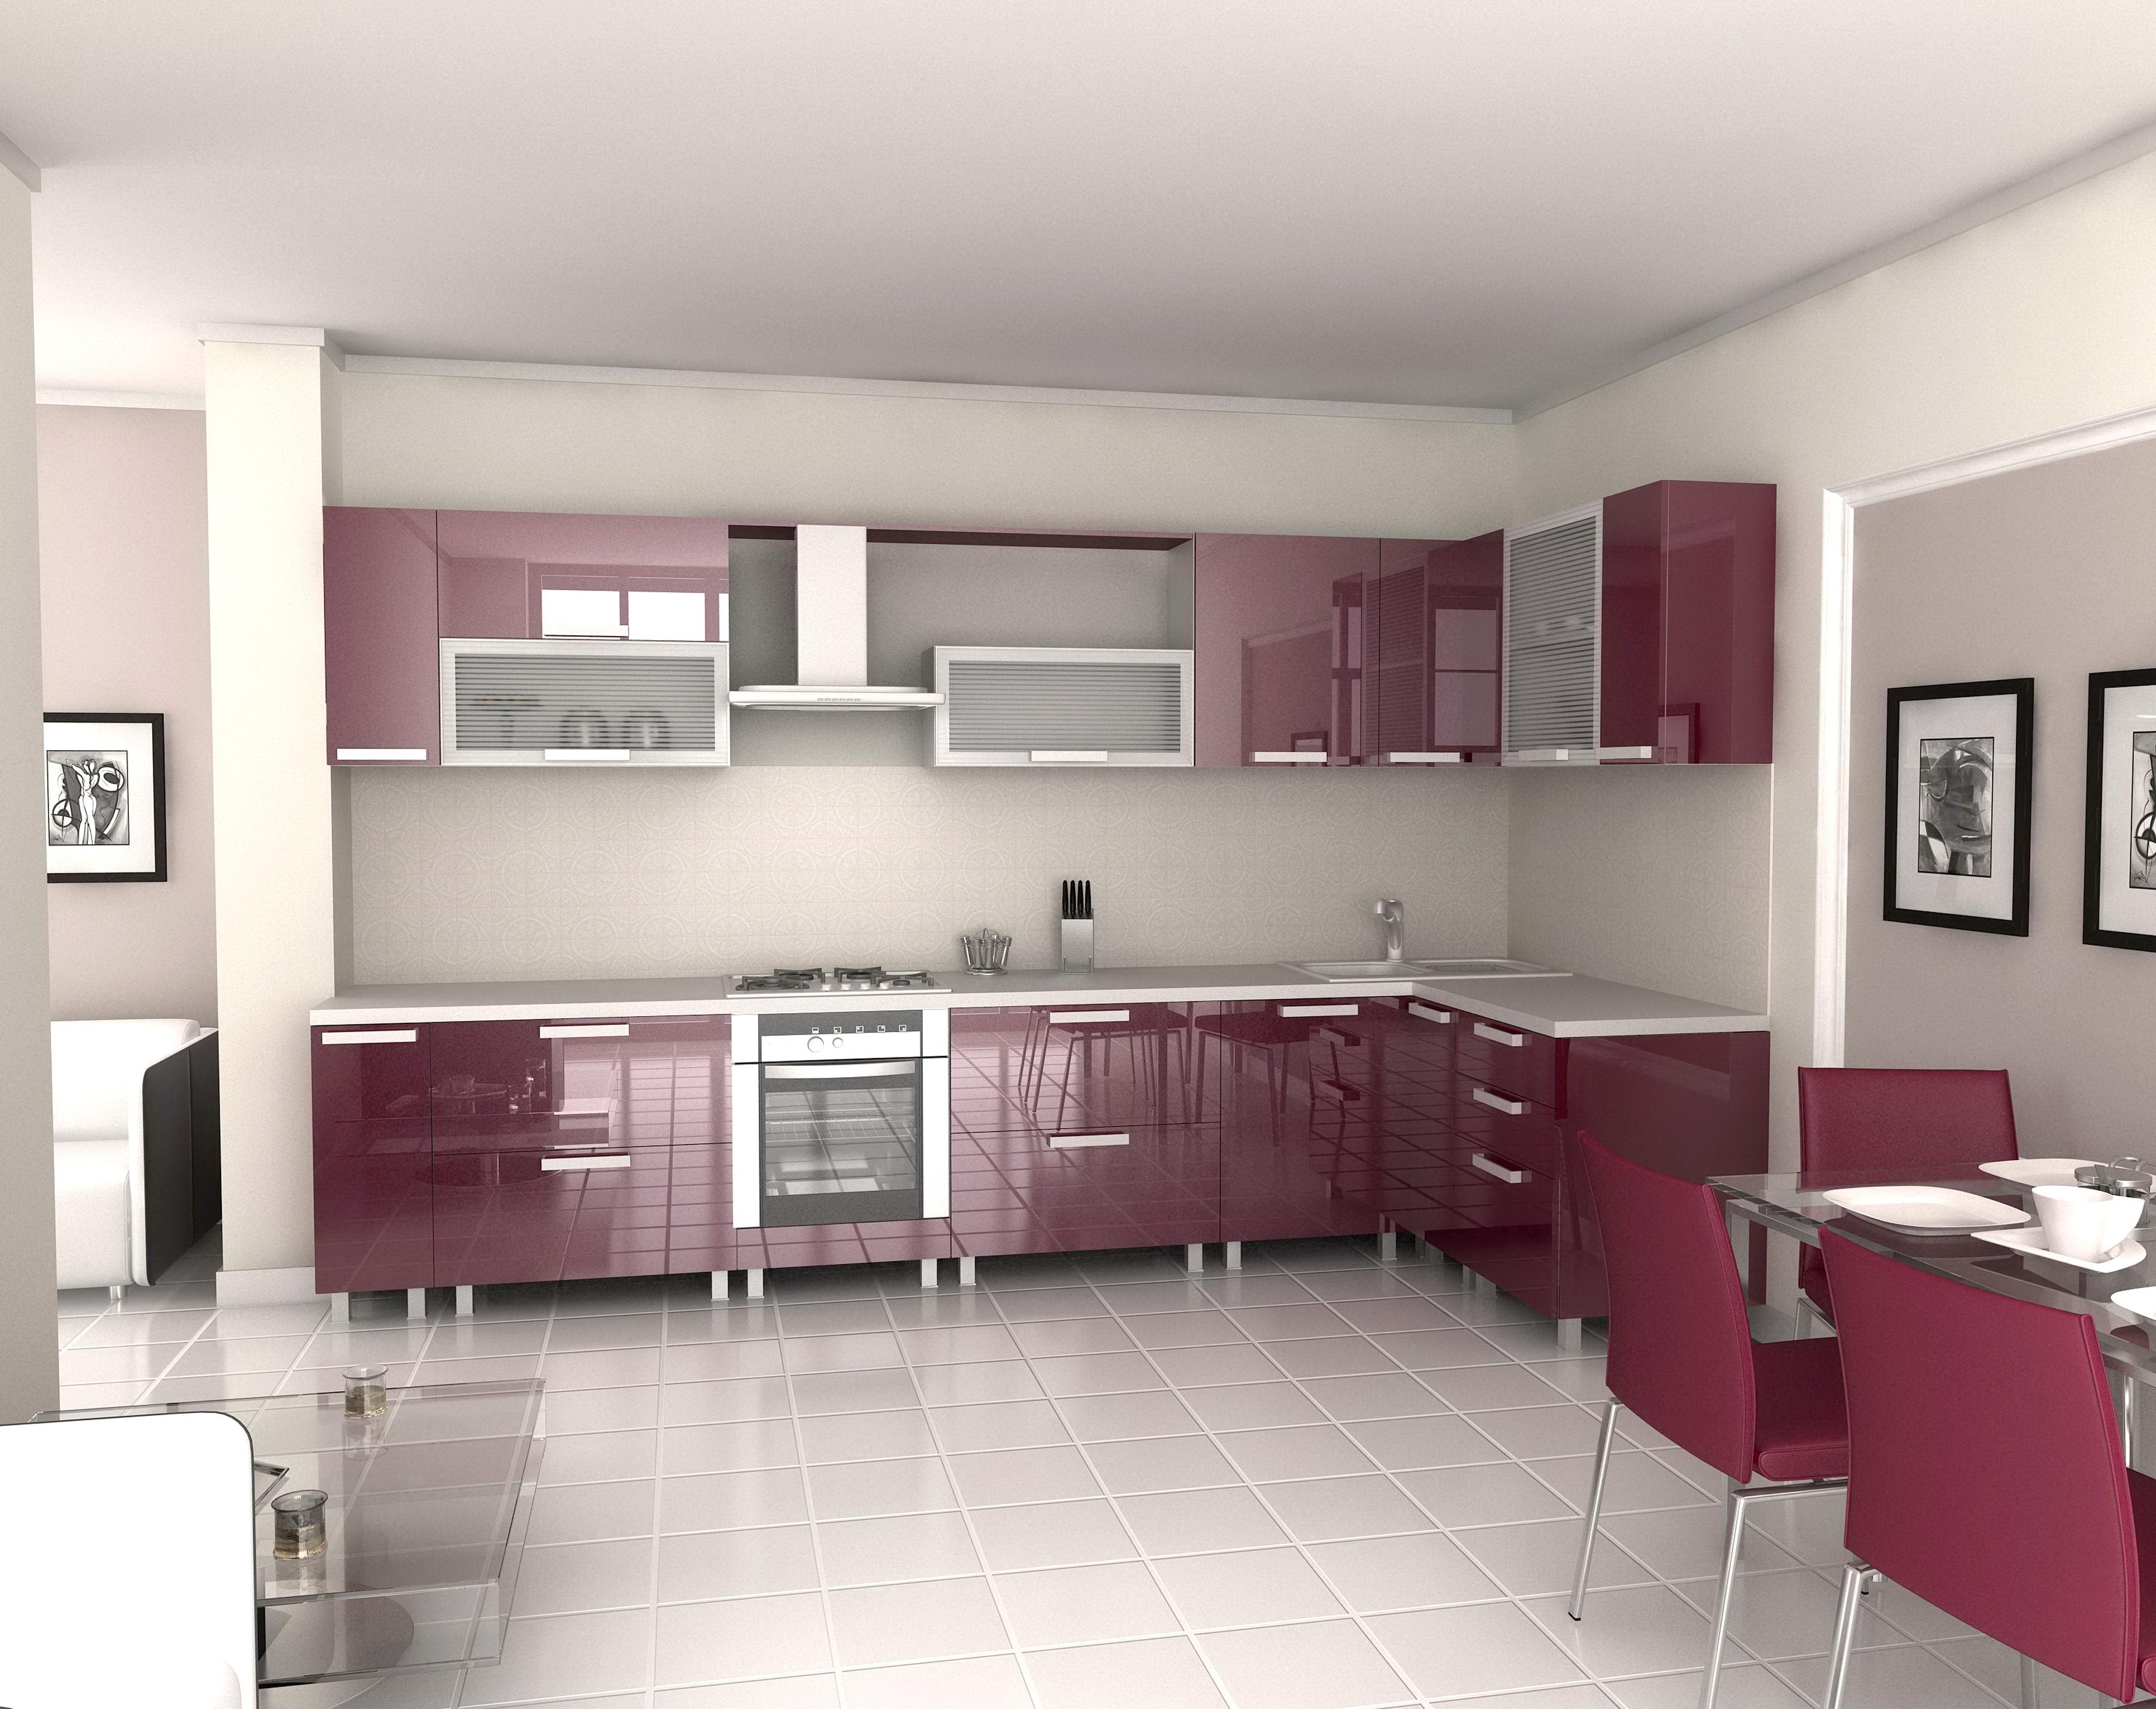 Apartment kitchen table photo - 3